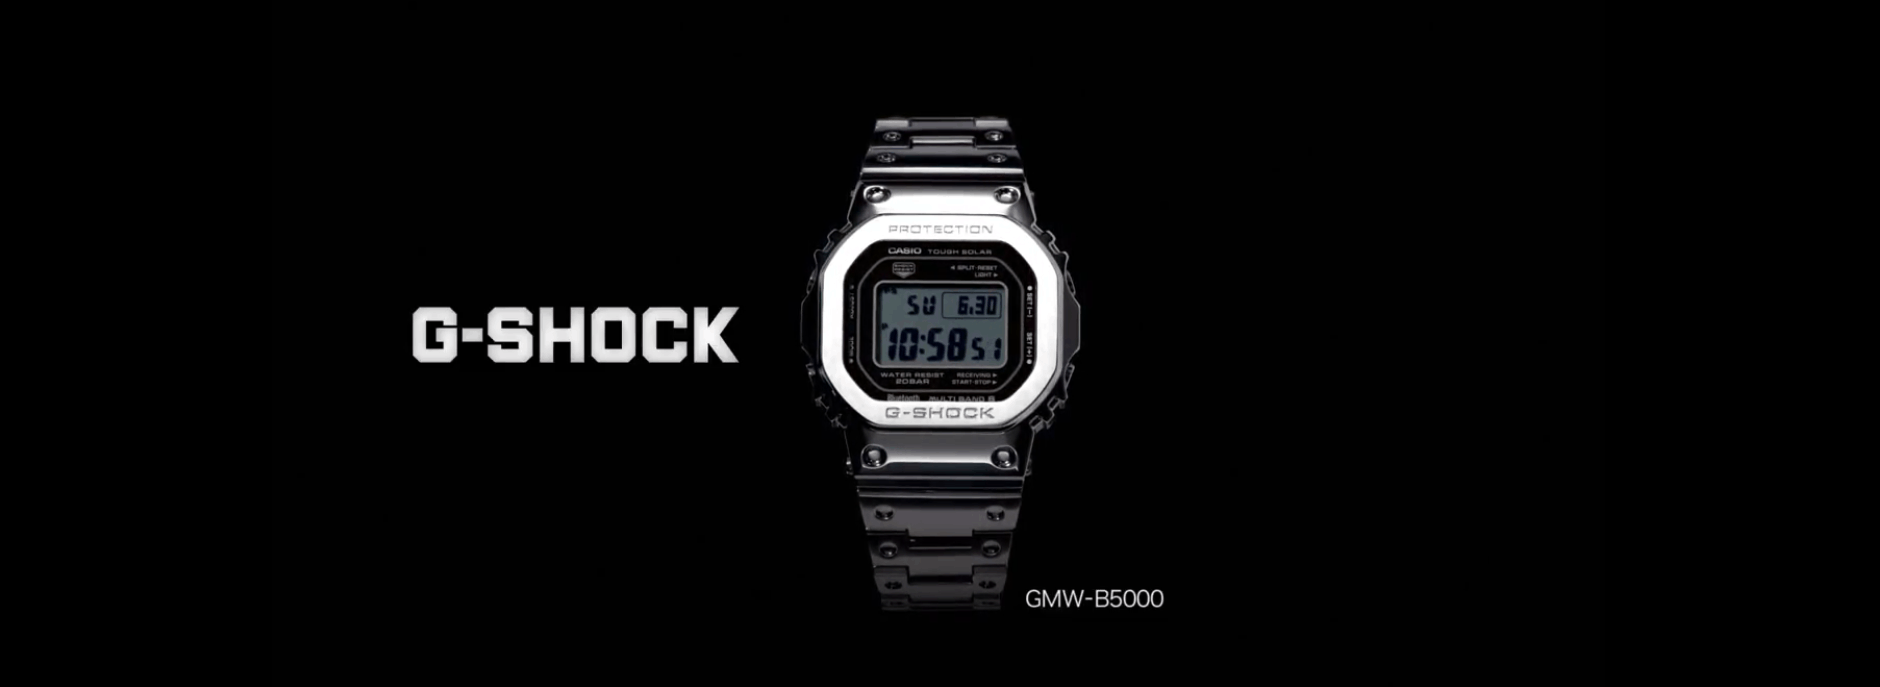 Die erste Casio G-Shock wird Smart